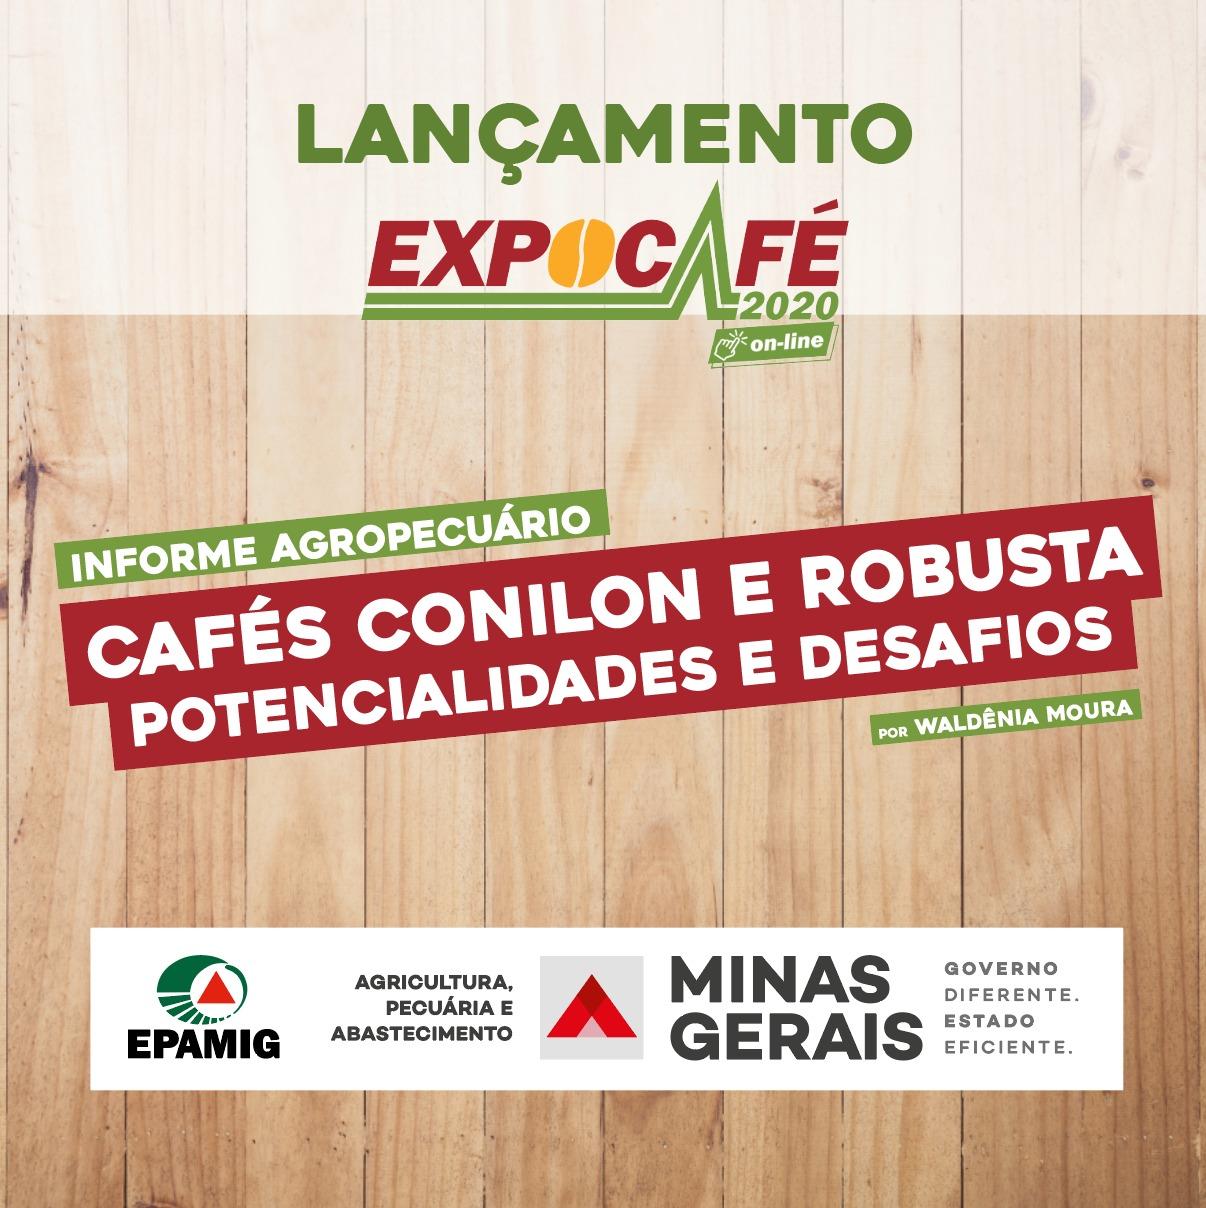 Cafés Conilon e Robusta – potencialidades e desafios